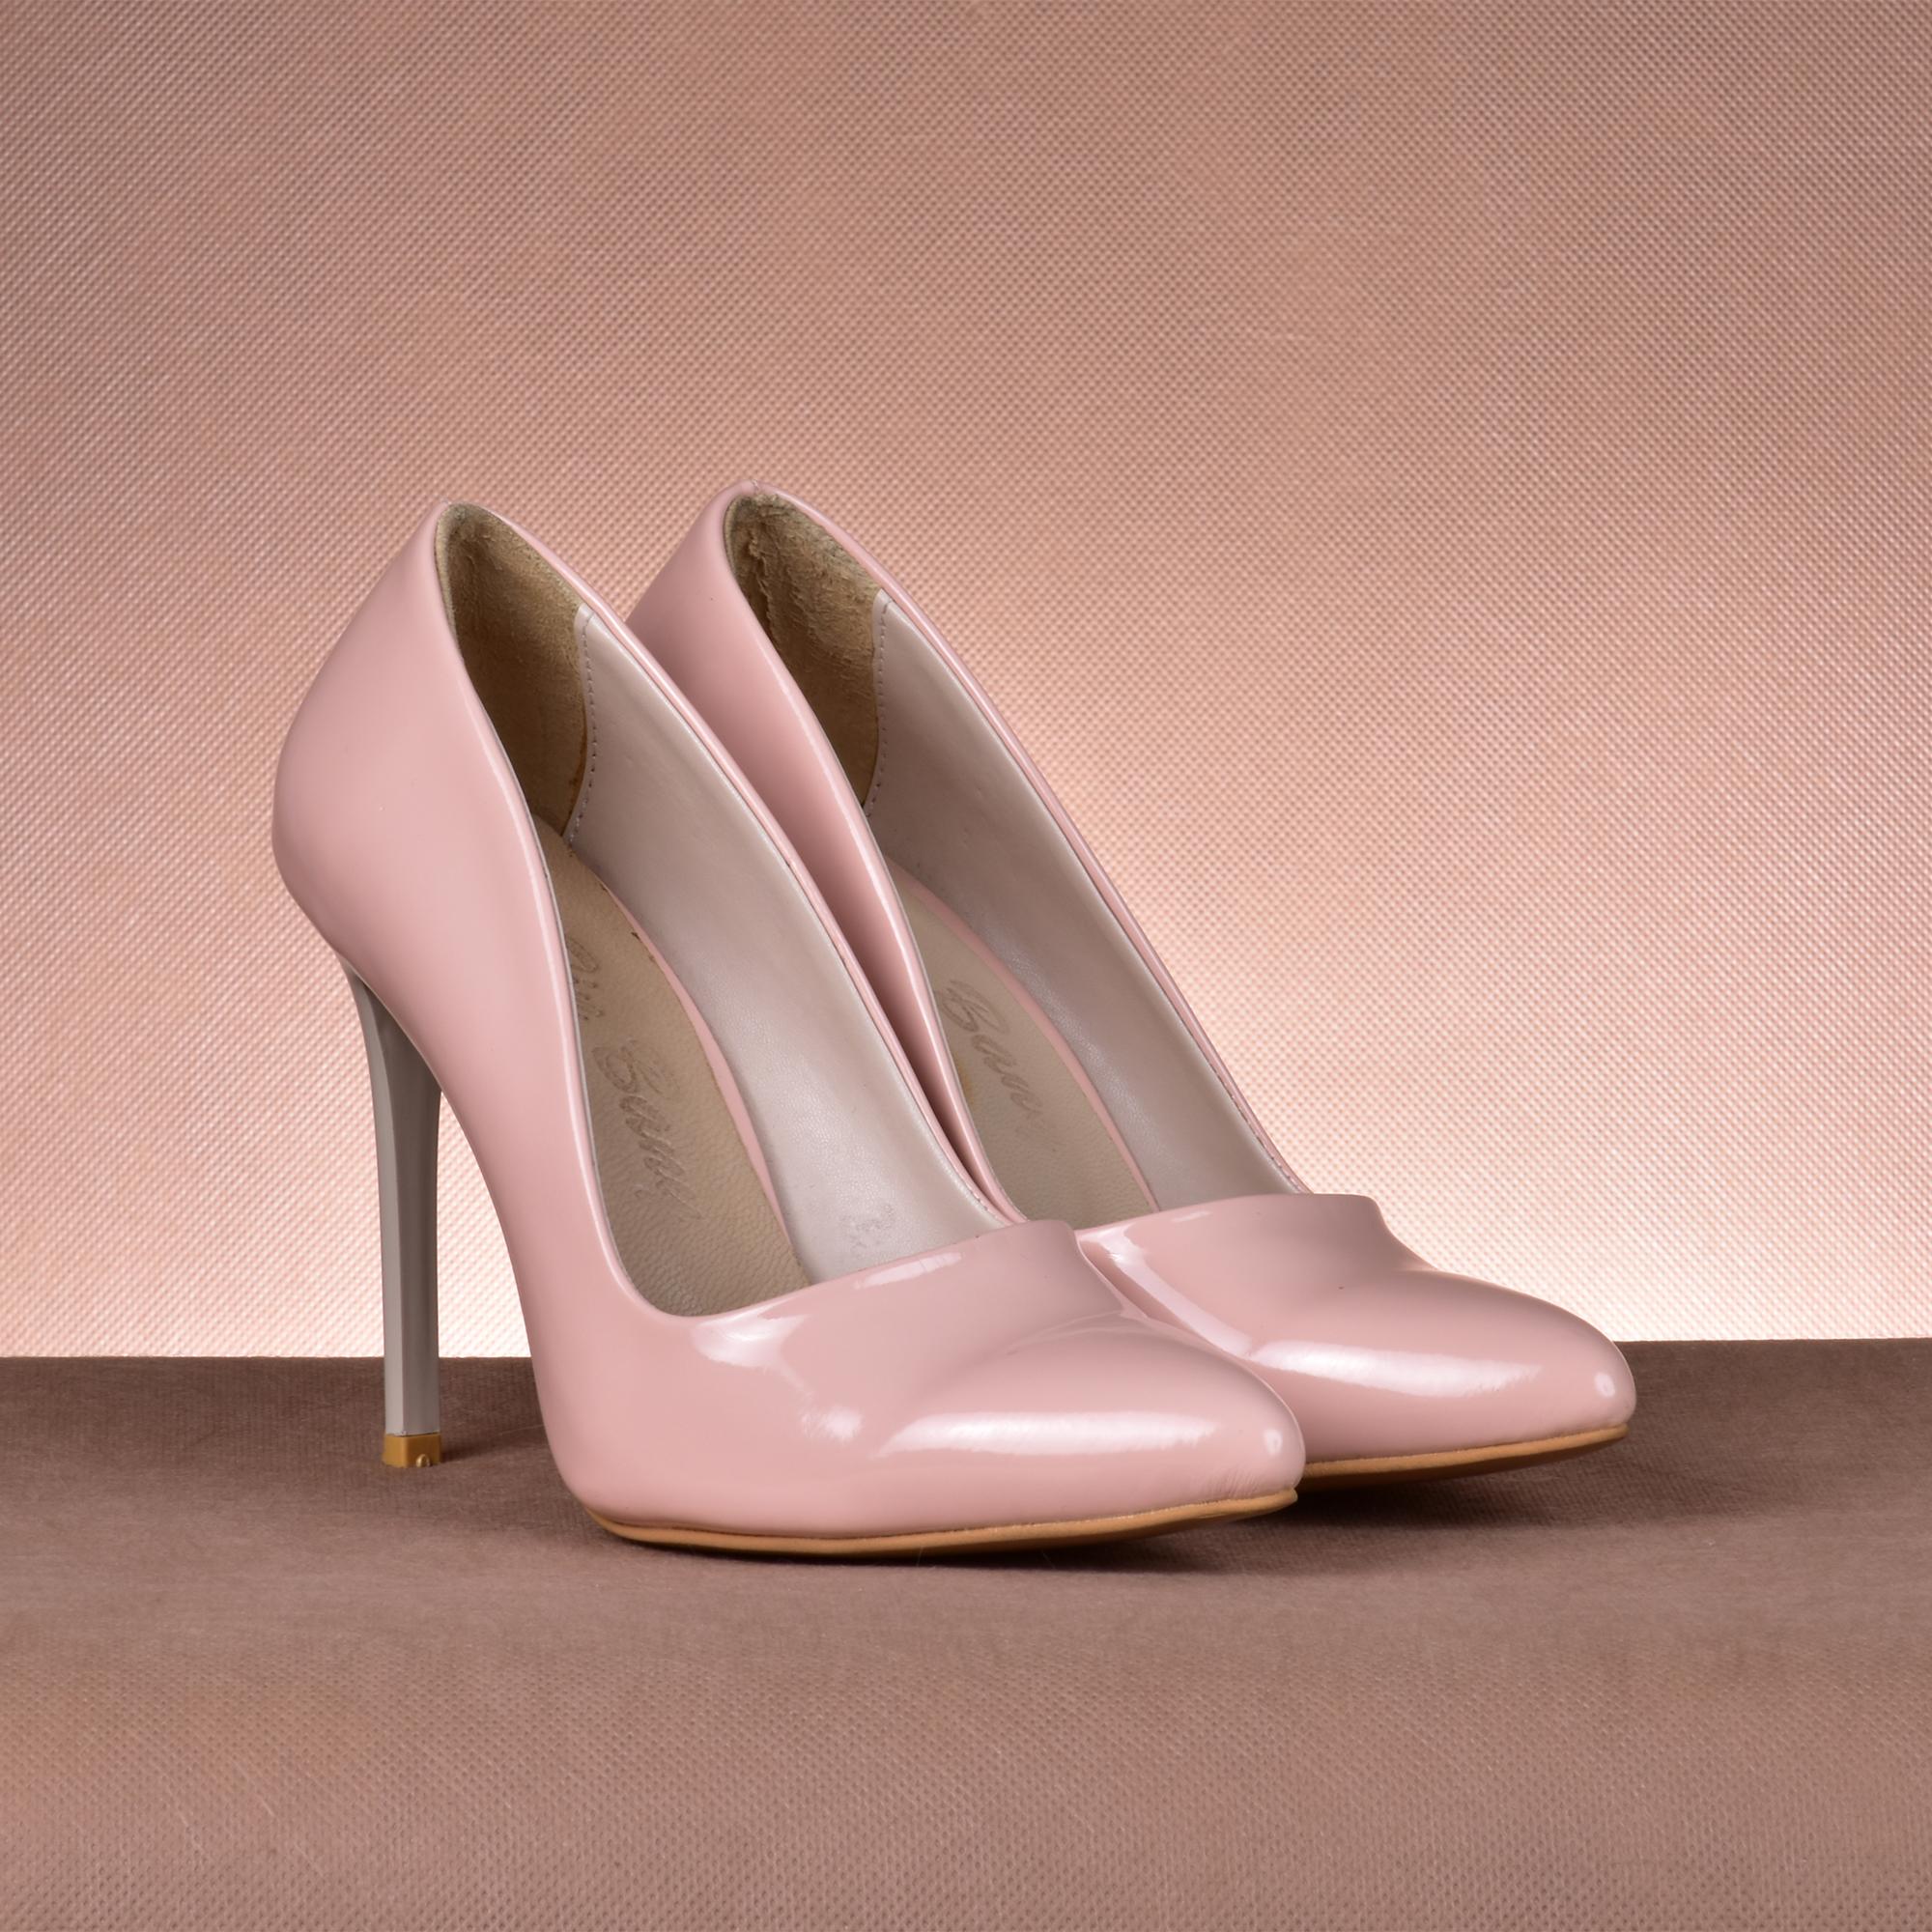 کفش زنانه تین بانی مدل ویکتوریا کد 31 -  - 3